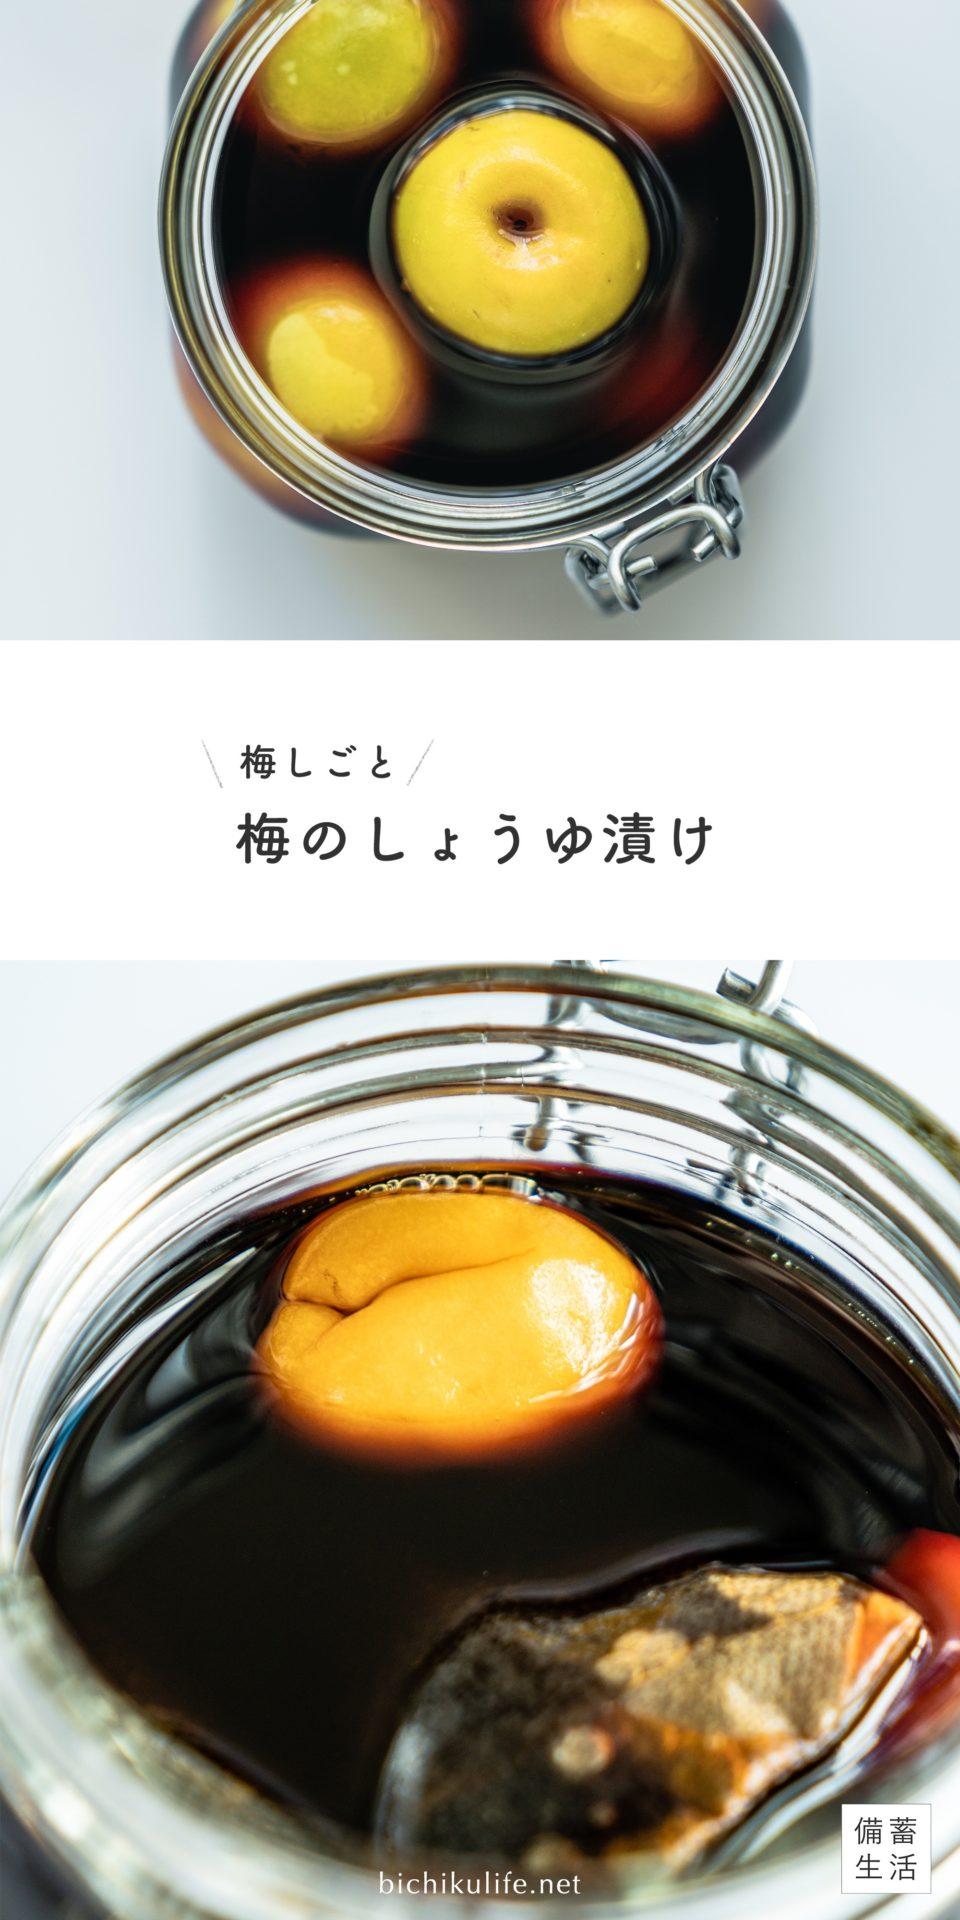 梅の醤油漬けの作り方 レシピ